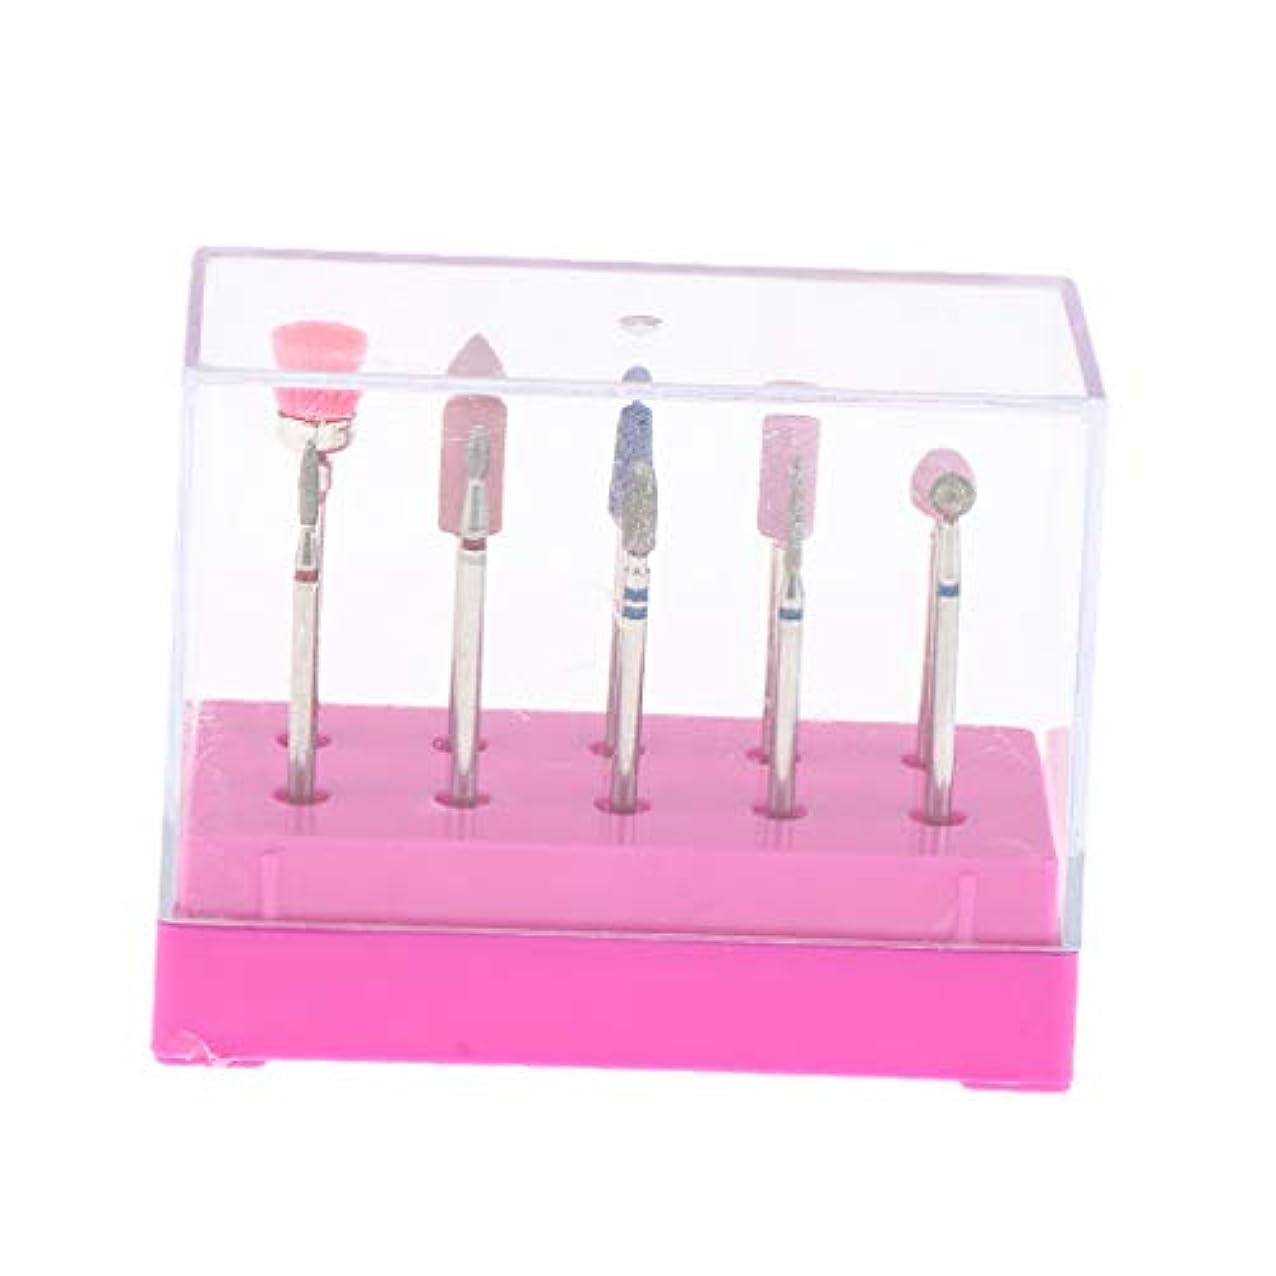 組み合わせネックレス筋肉の10本セット ネイルアートビット 電気ネイルドリルビット ネイル道具 ボックス付き - ピンク